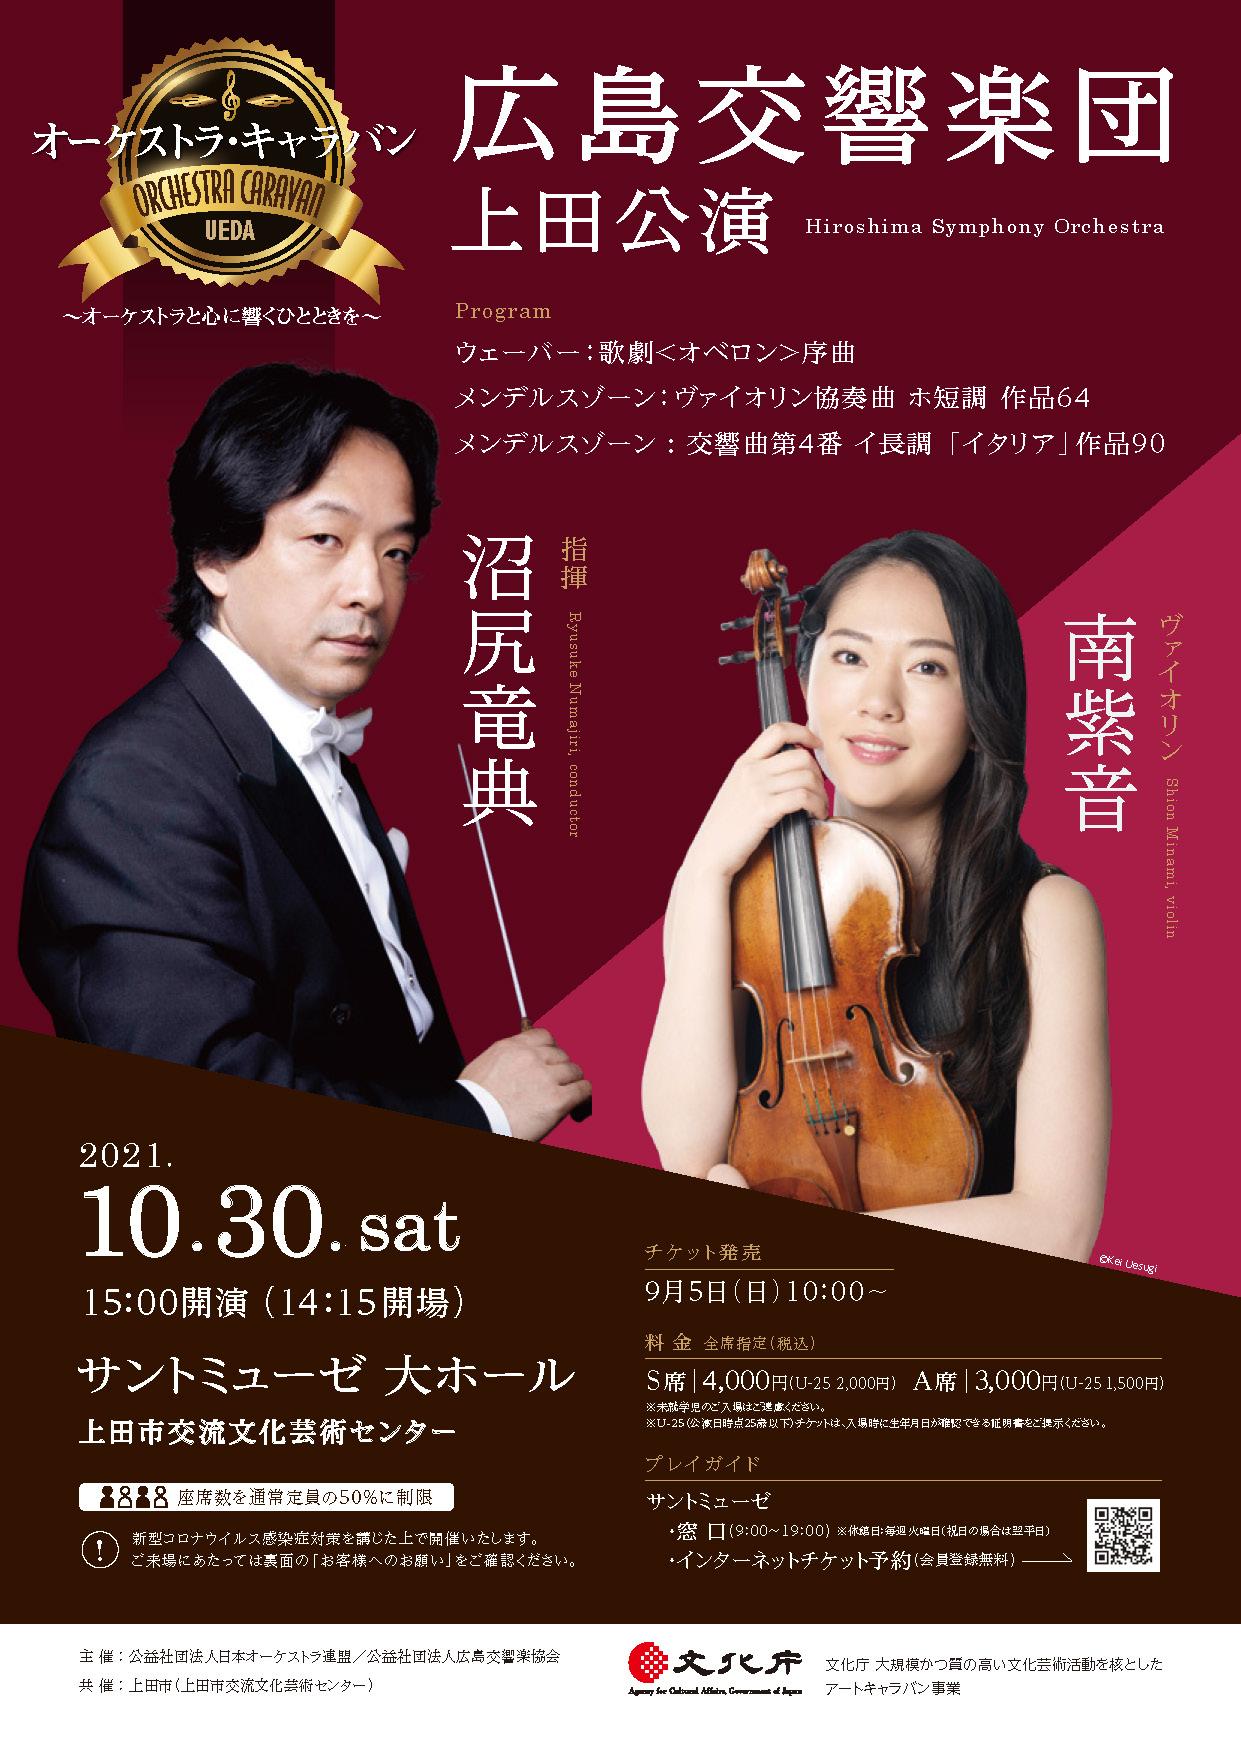 広島交響楽団 上田公演